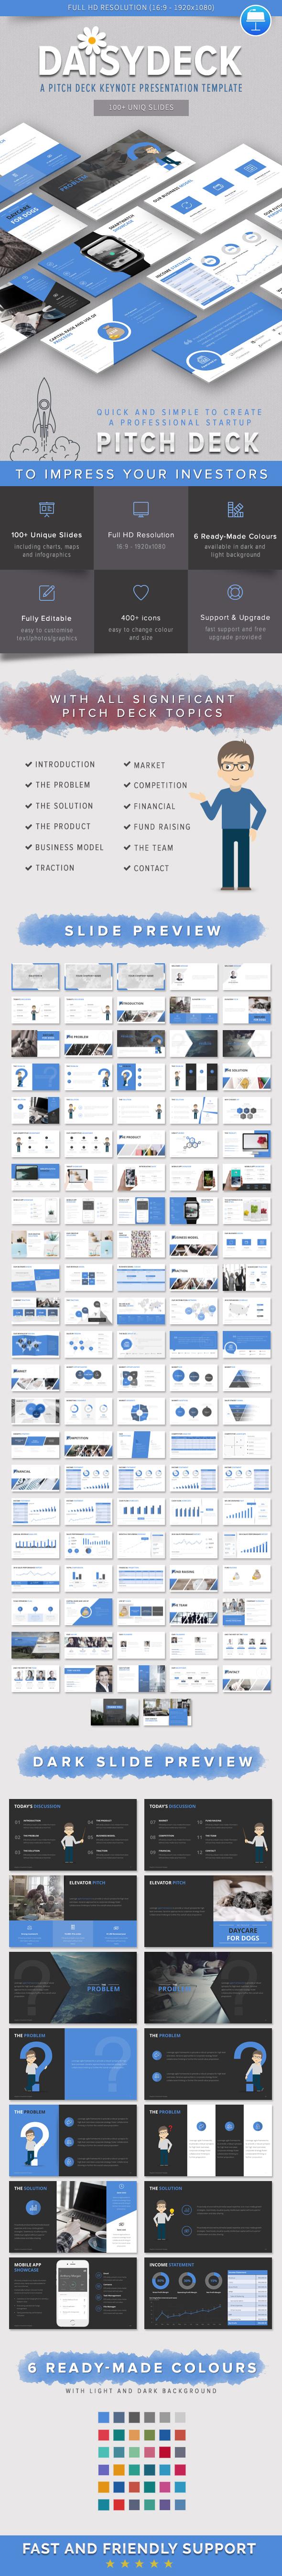 DaisyDeck – A Pitch Deck Keynote Presentation Template - Keynote Templates Presentation Templates